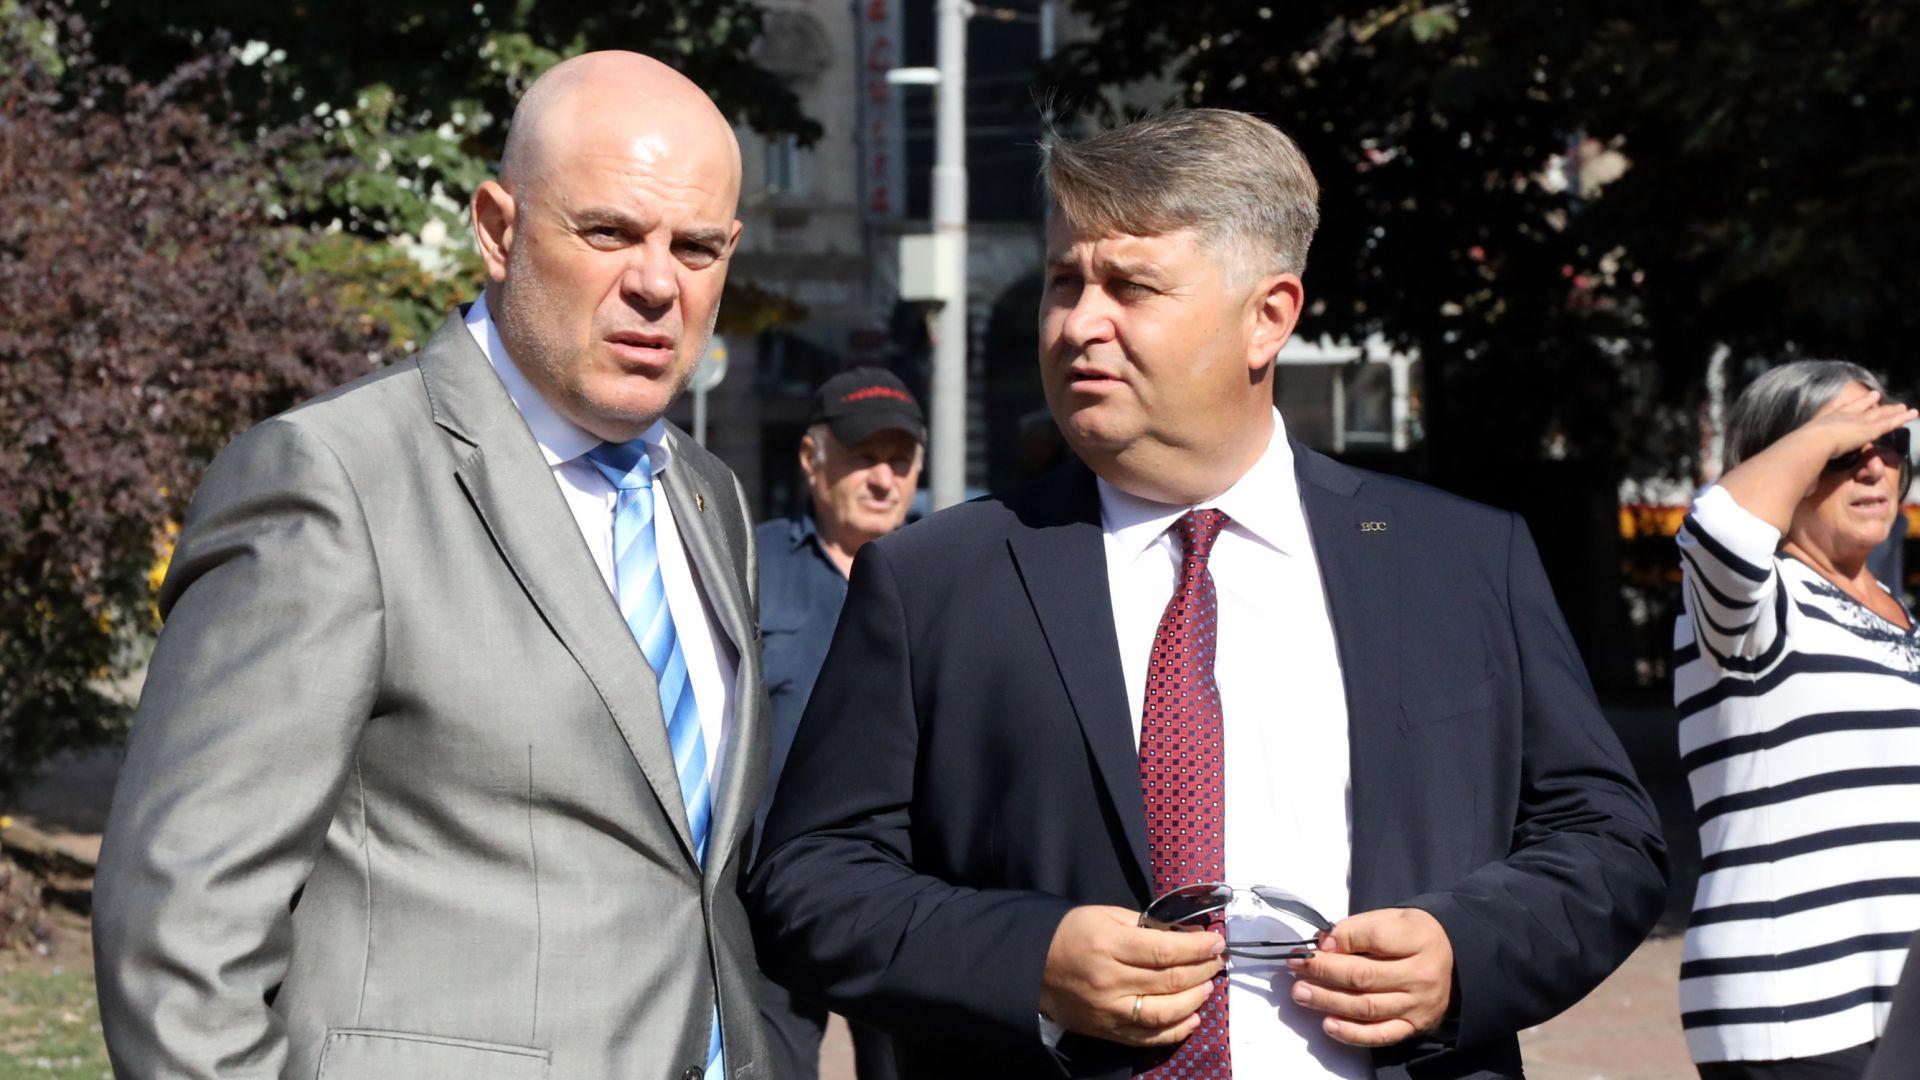 Главният прокурор: Под реформа се разбира унищожаване на работещи структури